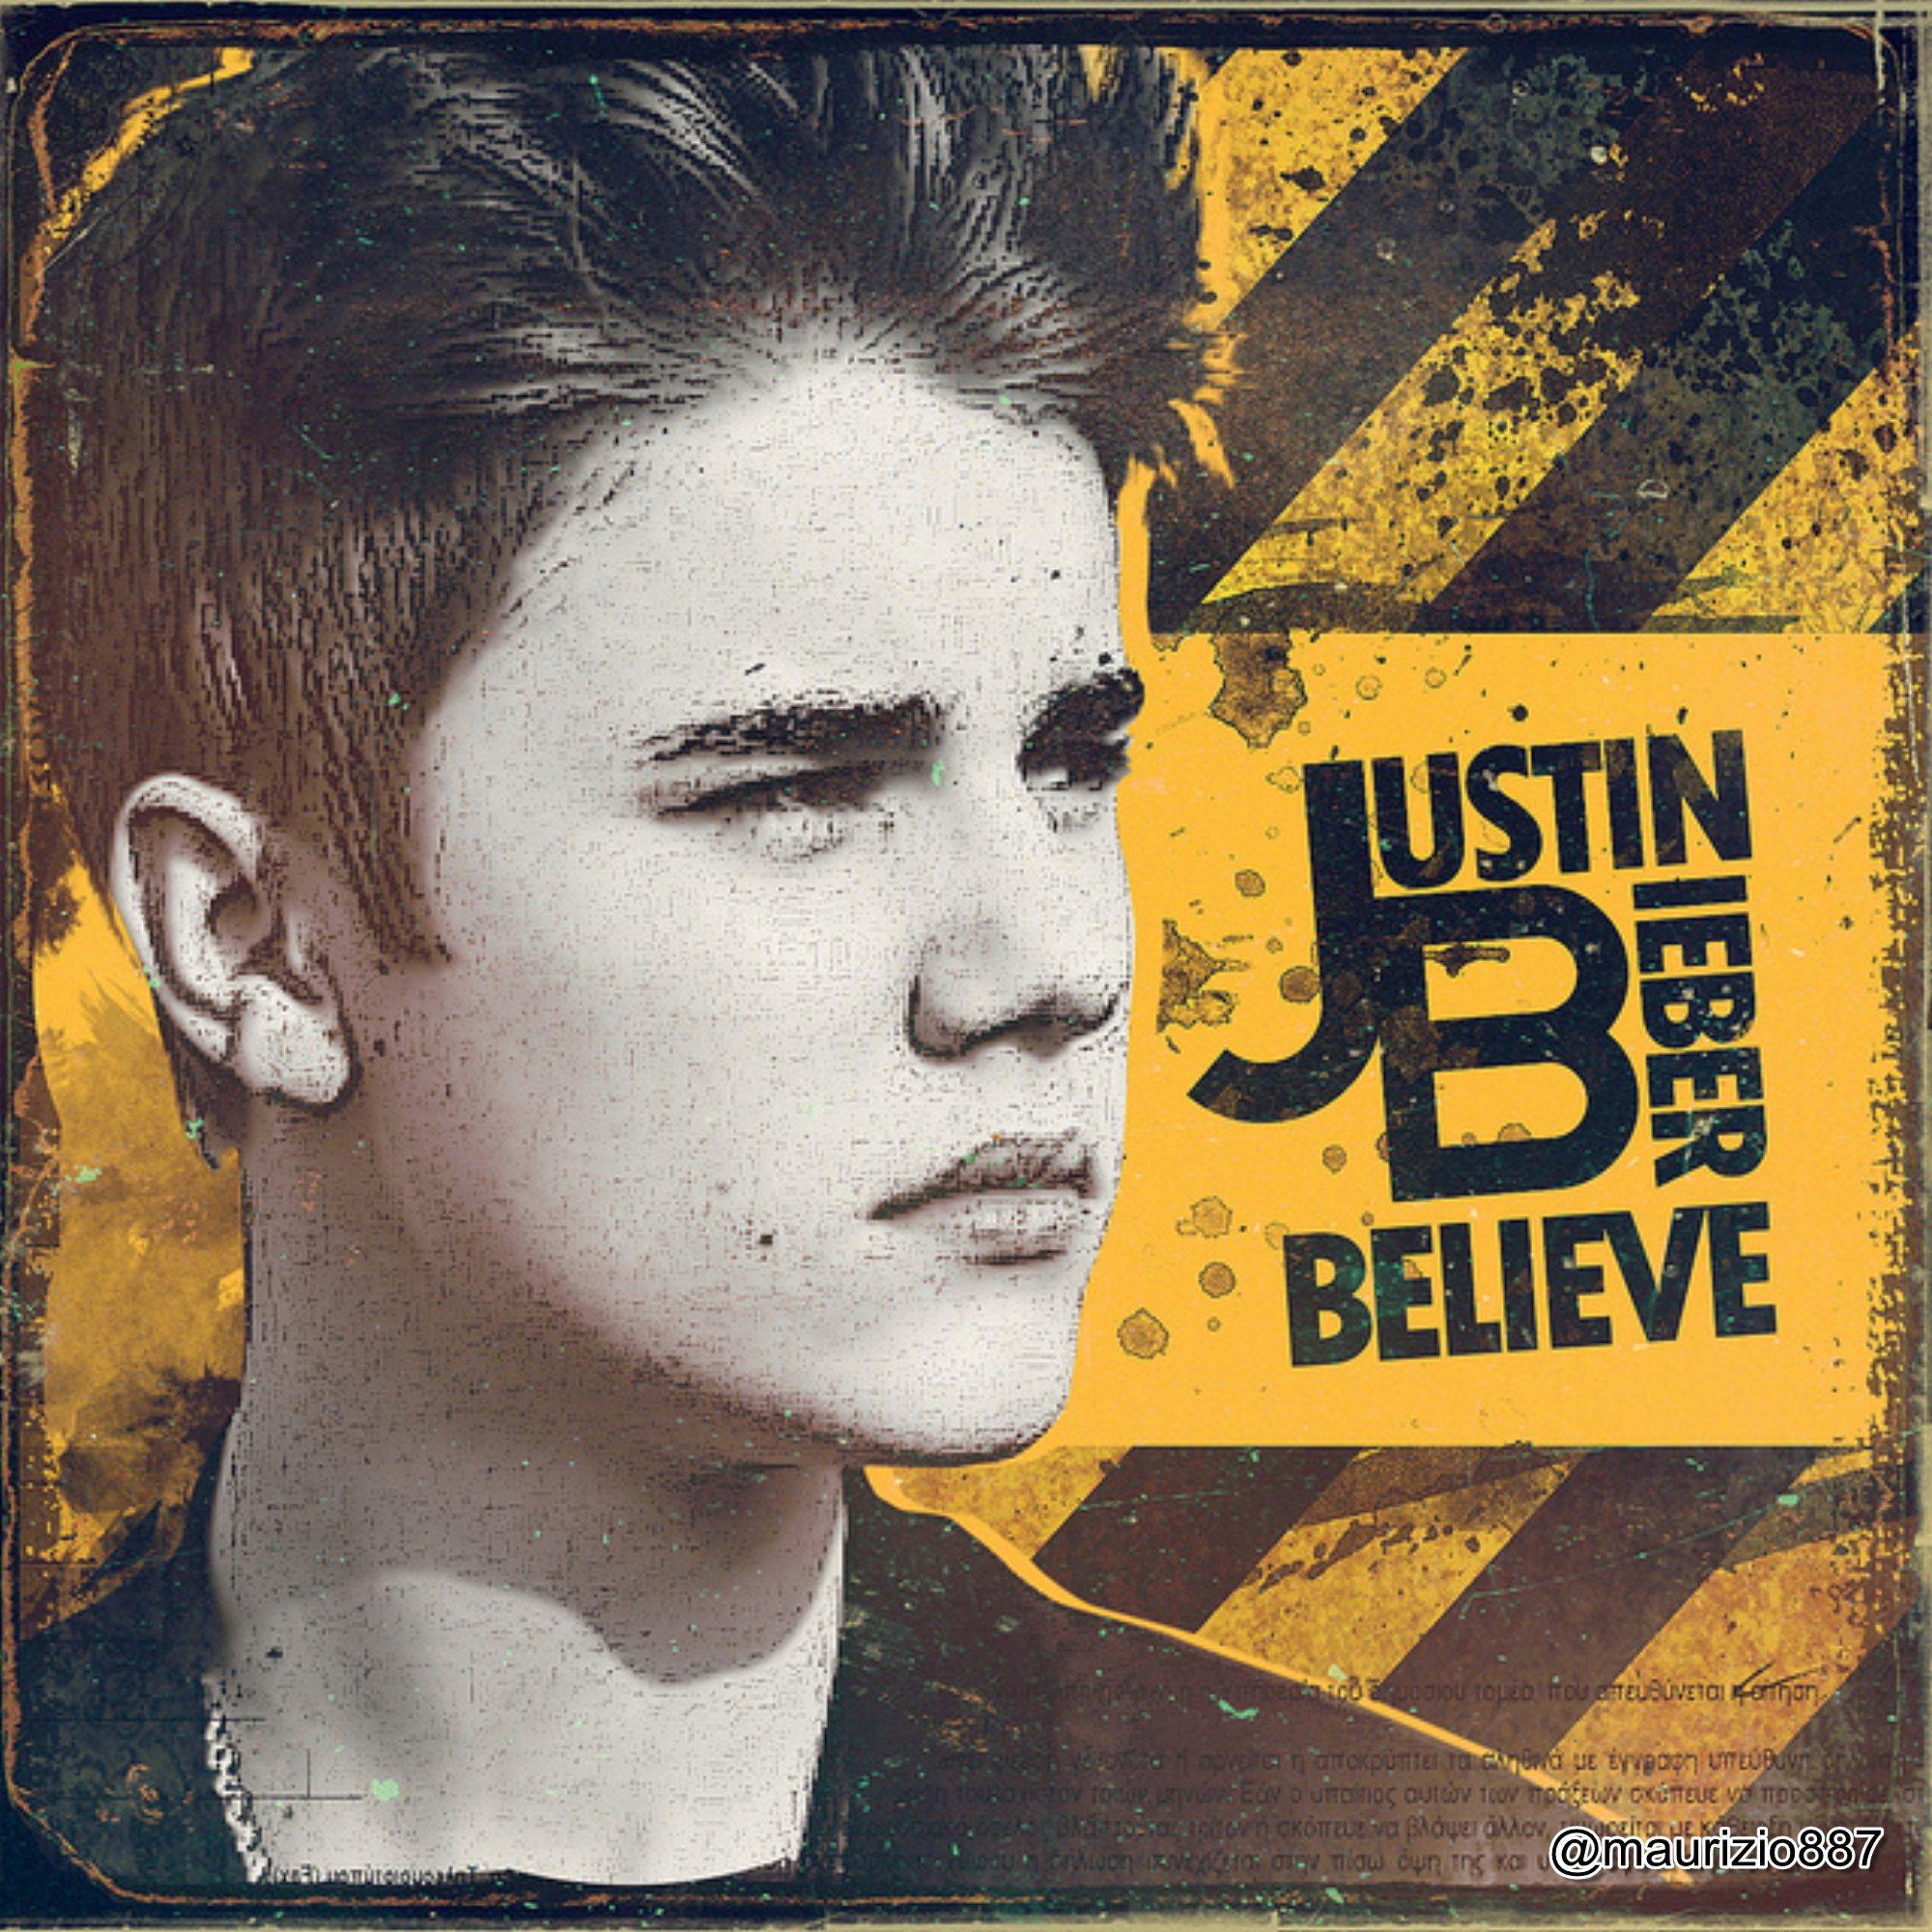 justin bieber,believe, 2012